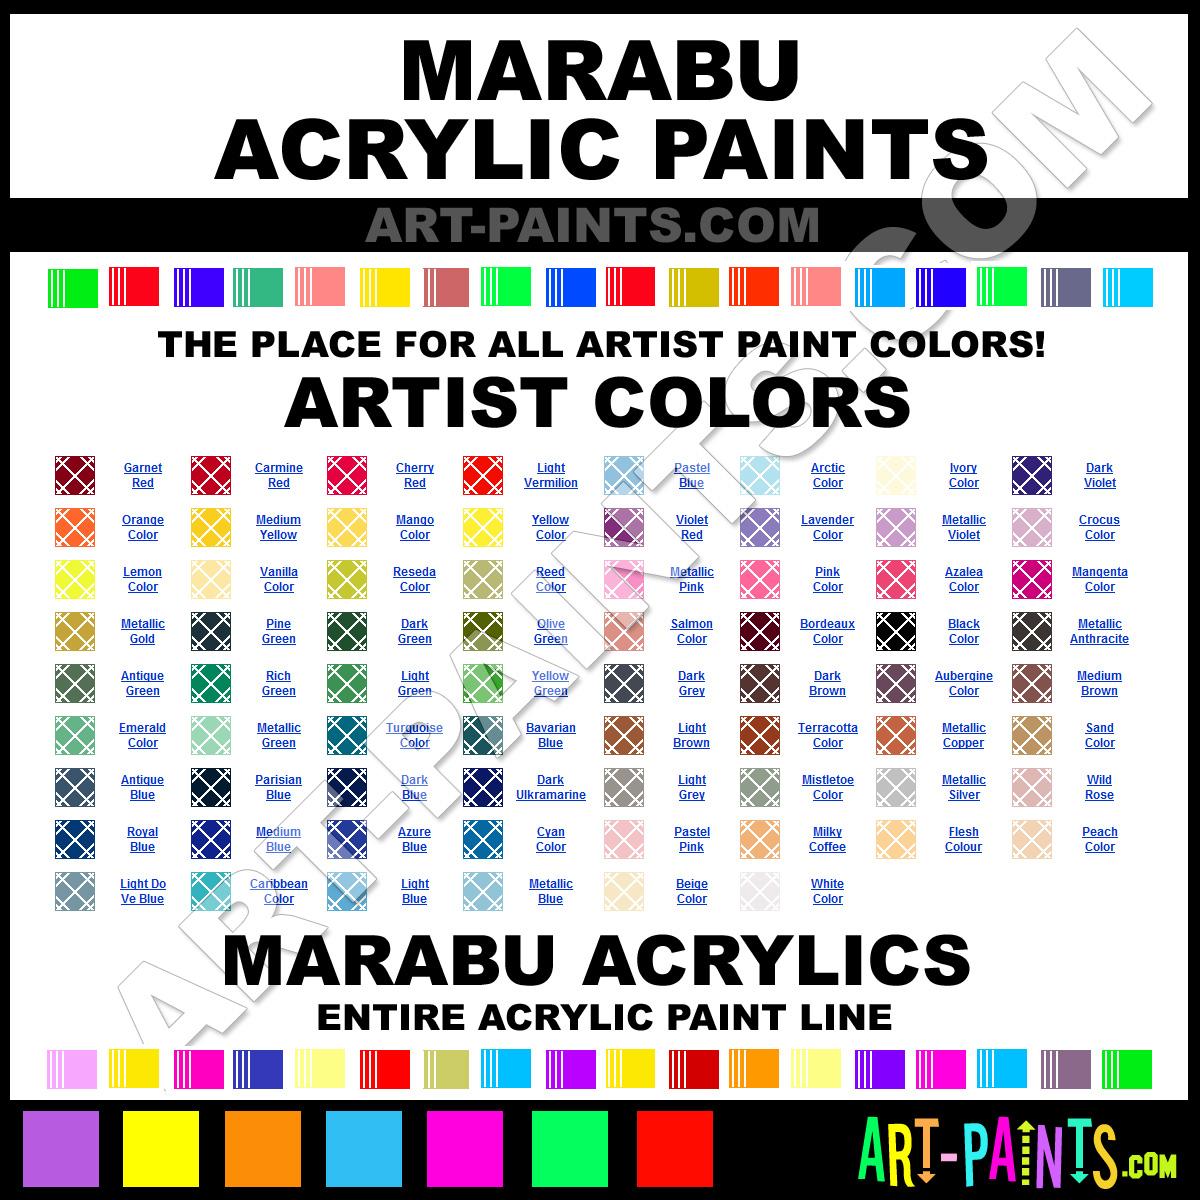 Marabu Acrylic Paint Brands Marabu Paint Brands Acrylic Paint Basicacryl Basicacryl 10